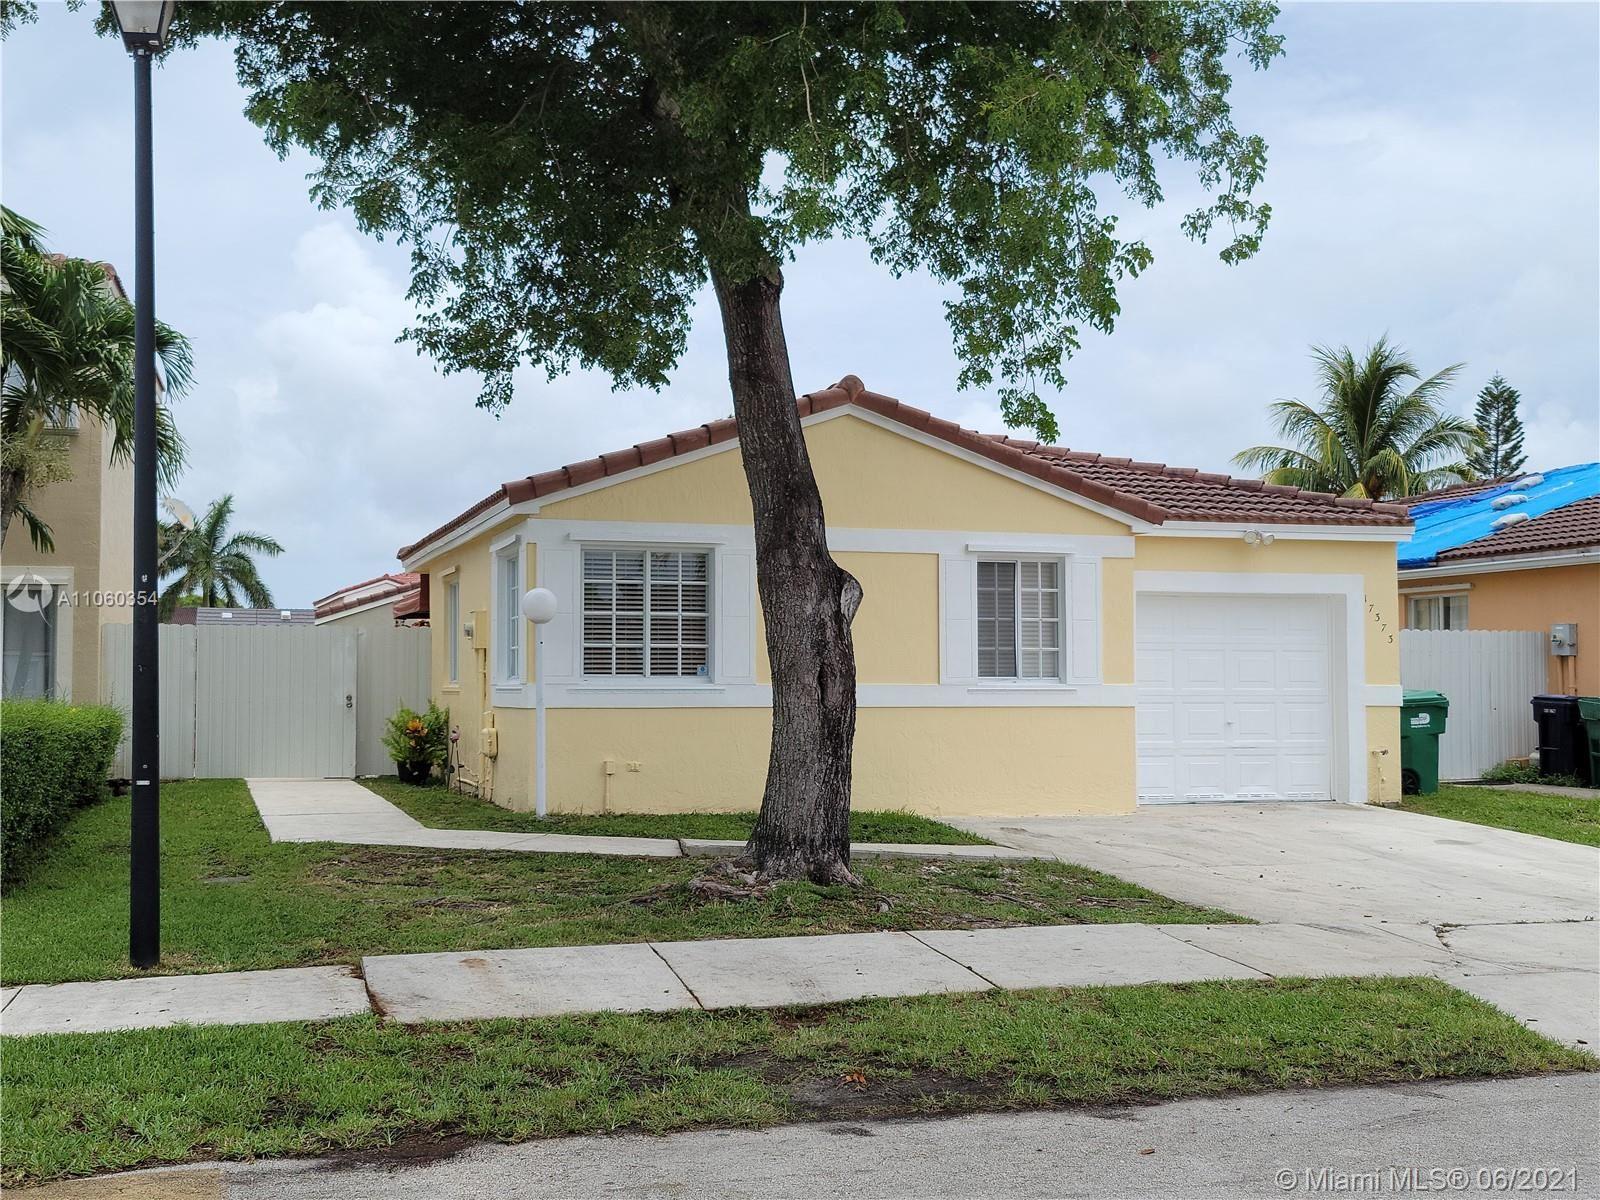 17373 SW 142nd Pl, Miami, FL 33177 - #: A11060354